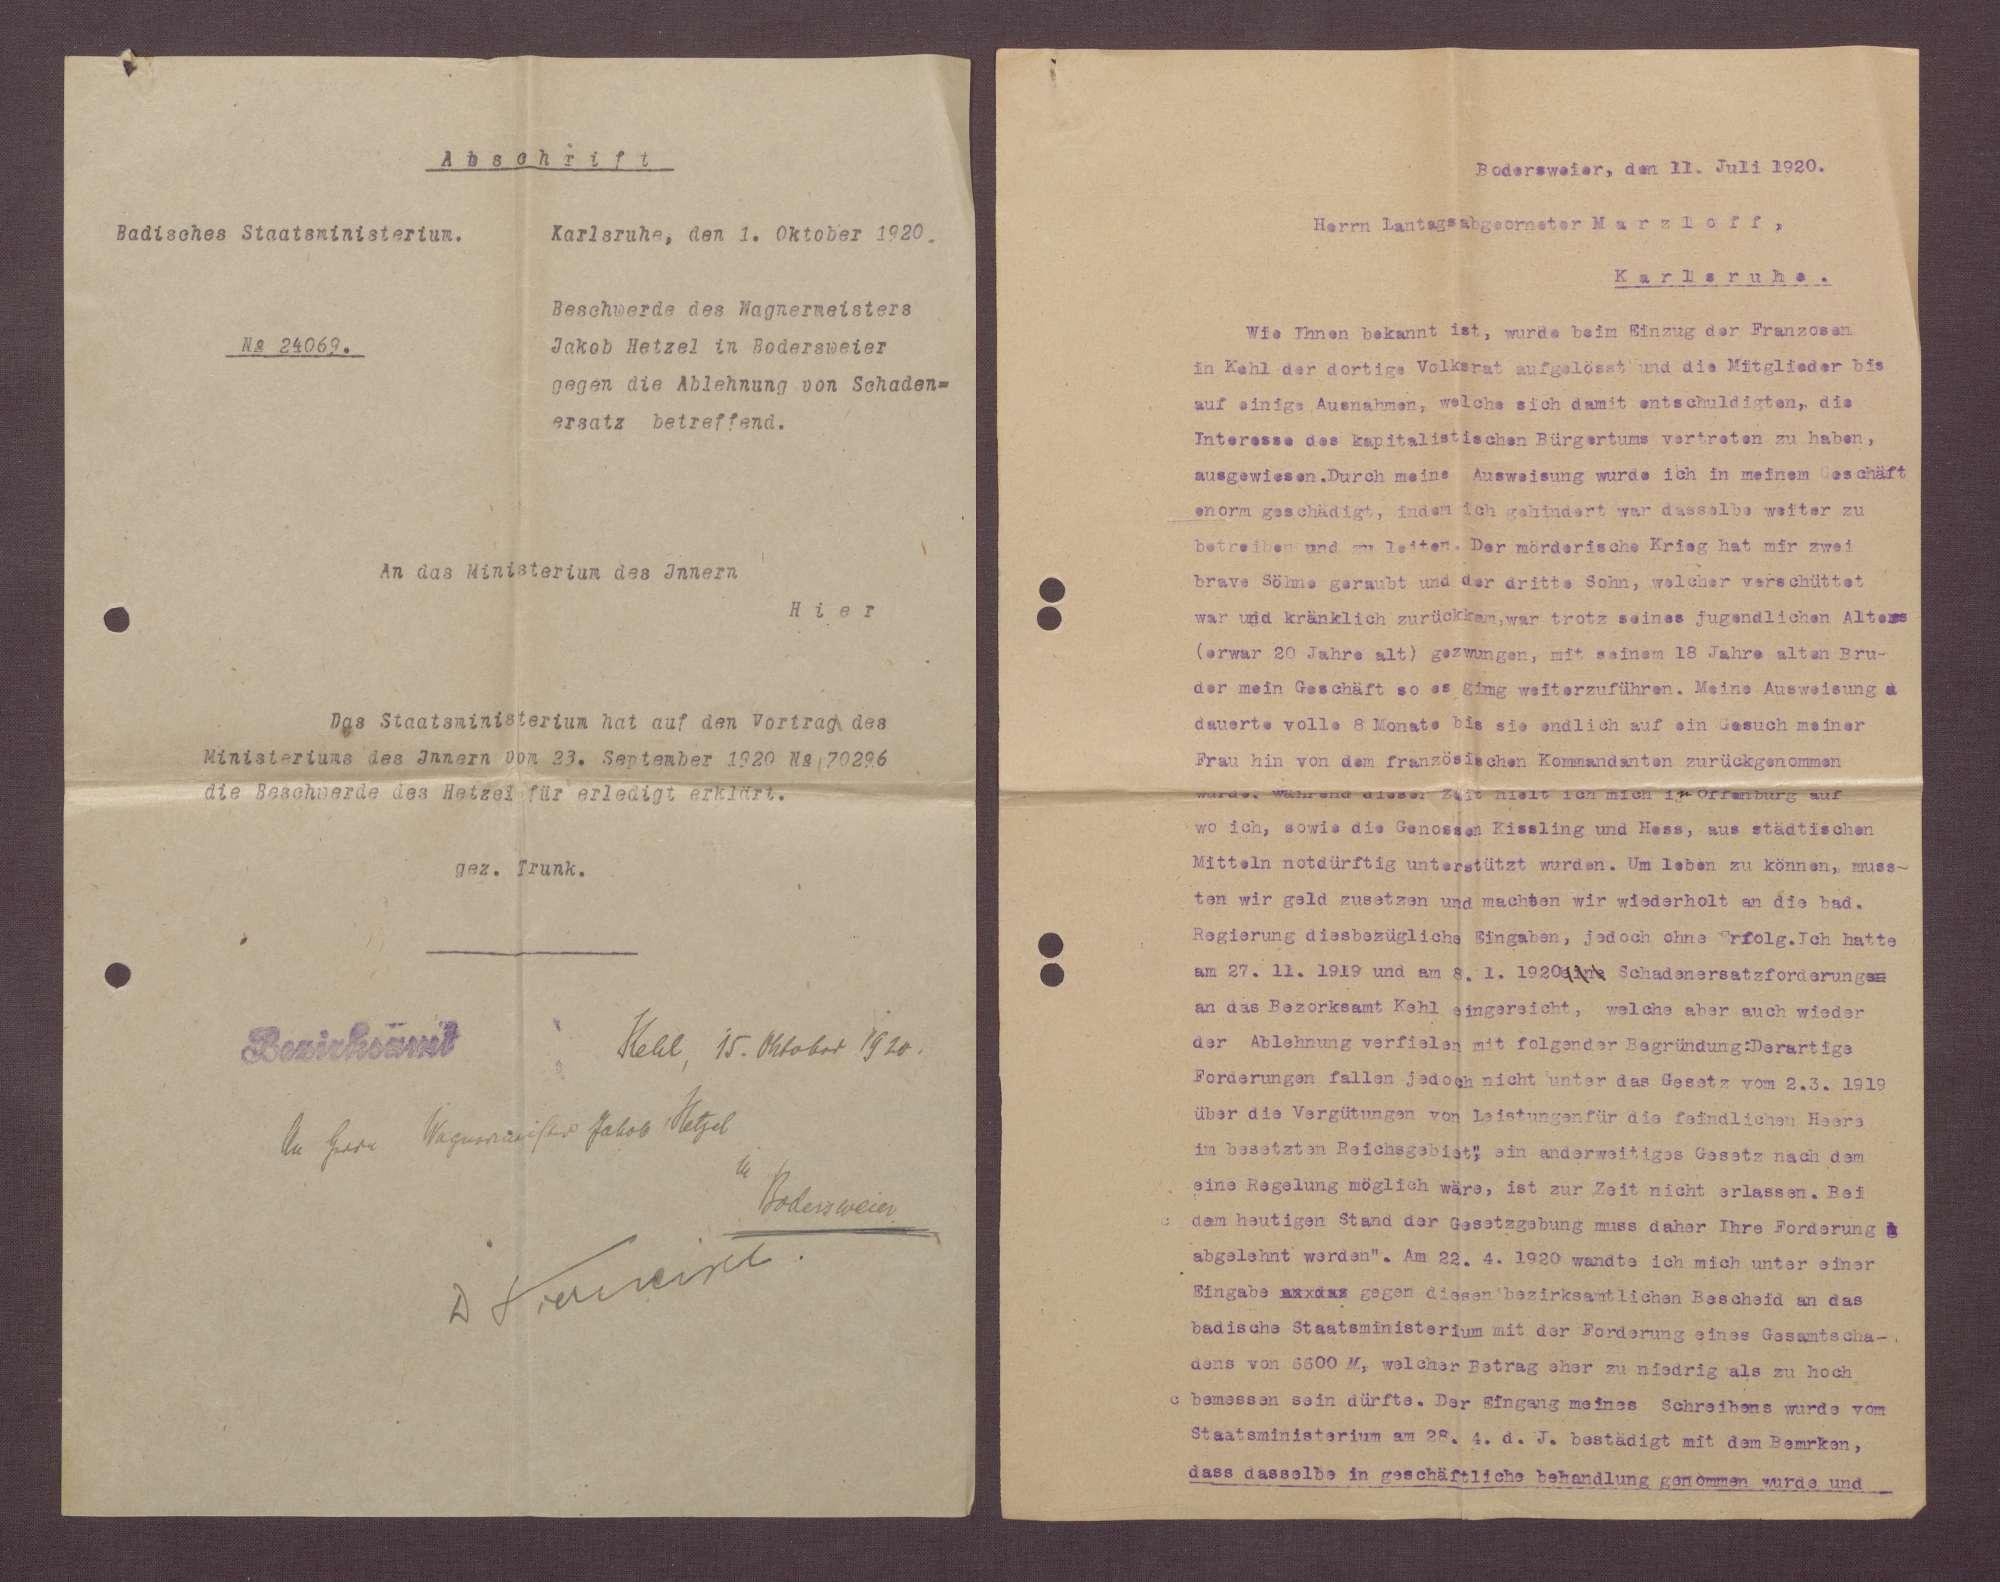 Entschädigungsforderungen von Jakbob Hetzel, Wagenmeister und Mitglied des Volksrates Kehl, Bodersweier, Bild 3